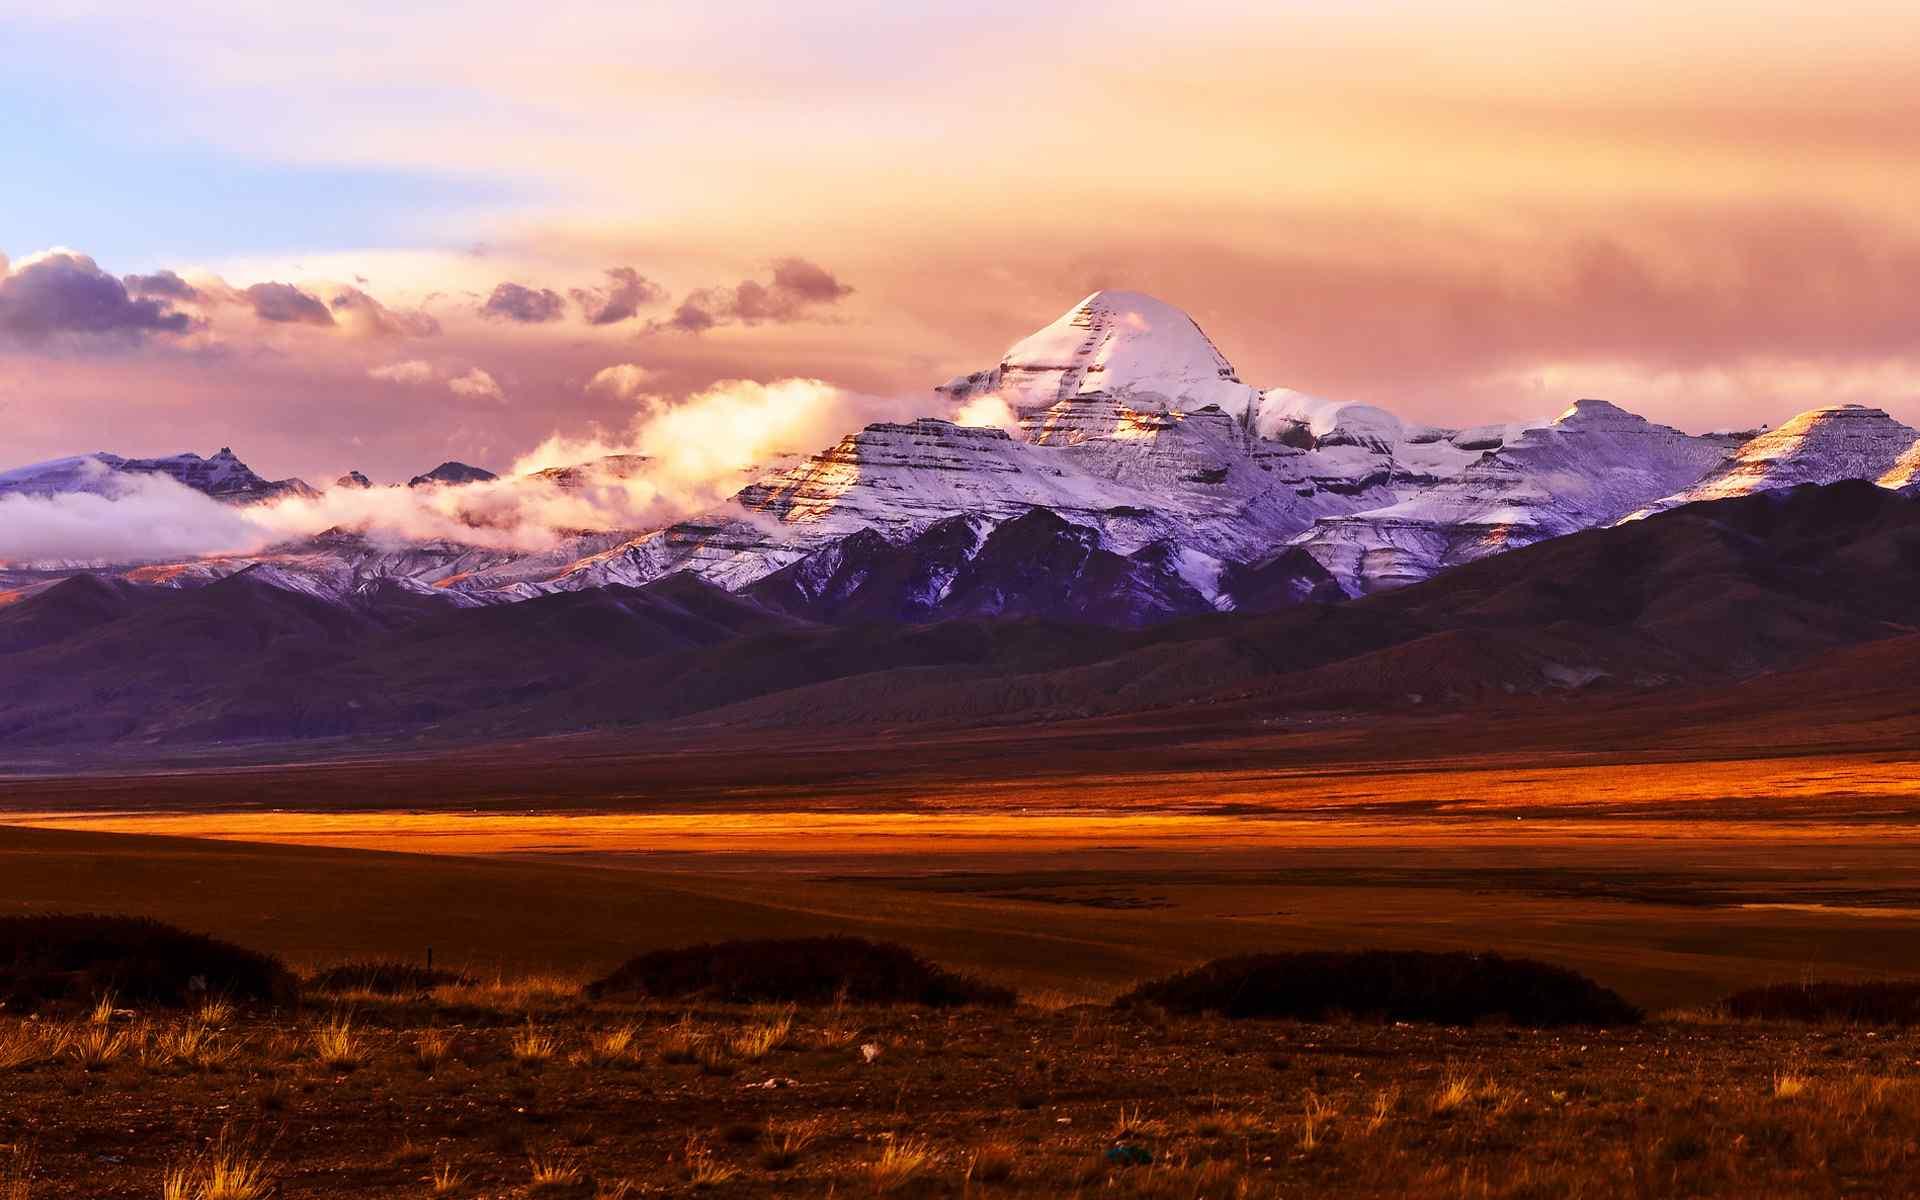 优美的西藏阿里自然风光桌面壁纸